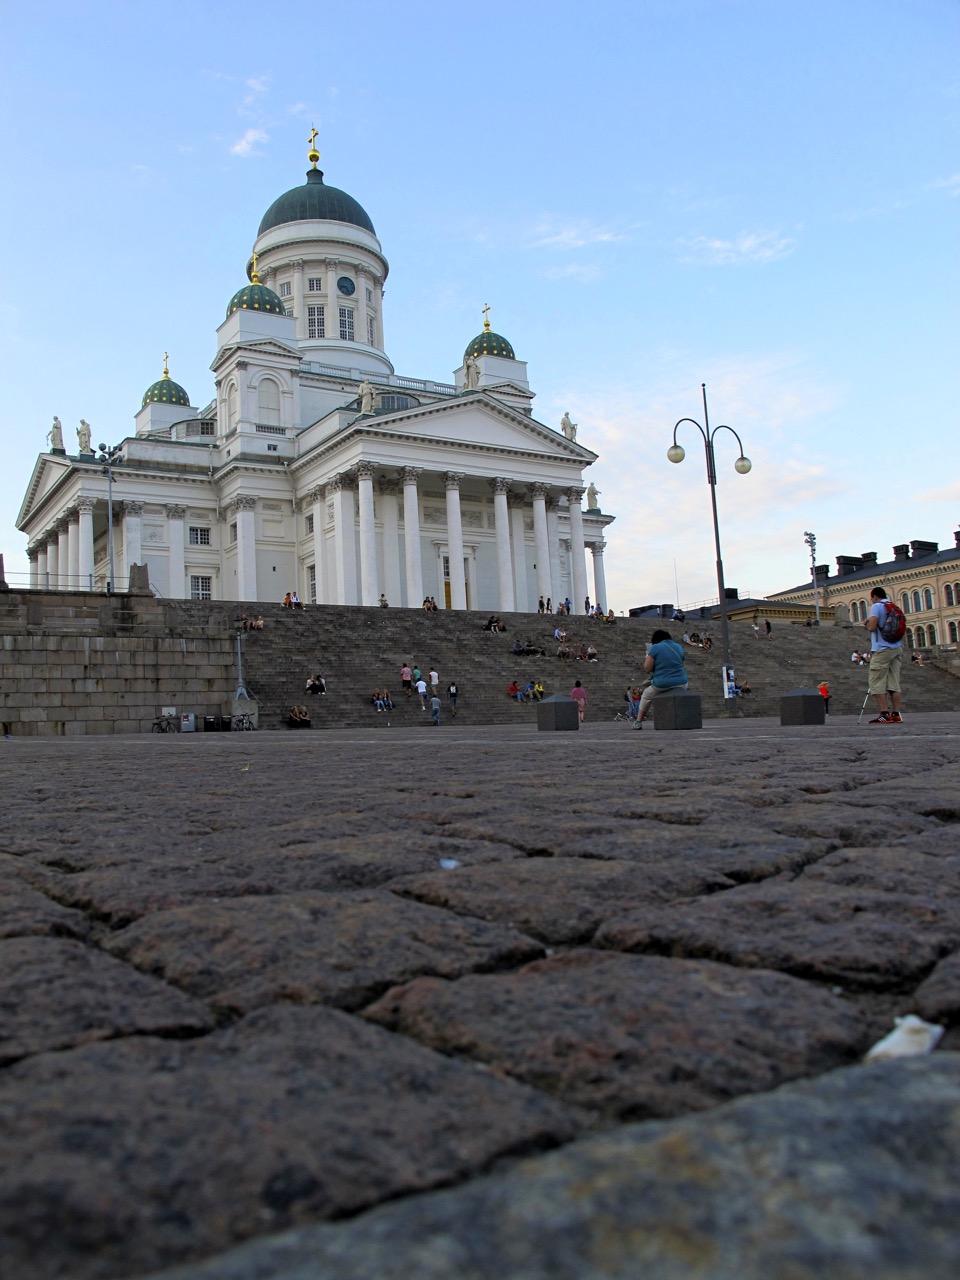 Der Dom von Helsinki in seiner ganzen Pracht.